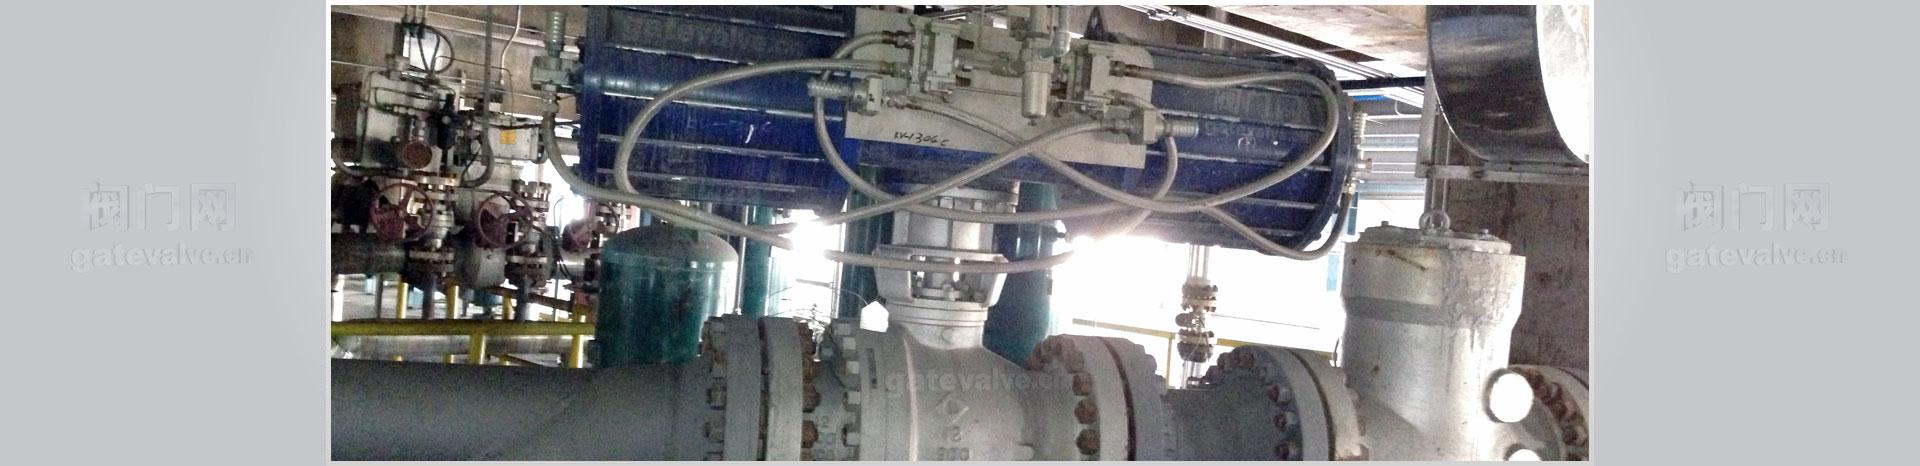 气动锁渣阀,煤气化装置用锁渣阀,国家重点新产品,中国机械工业科学技术二等奖